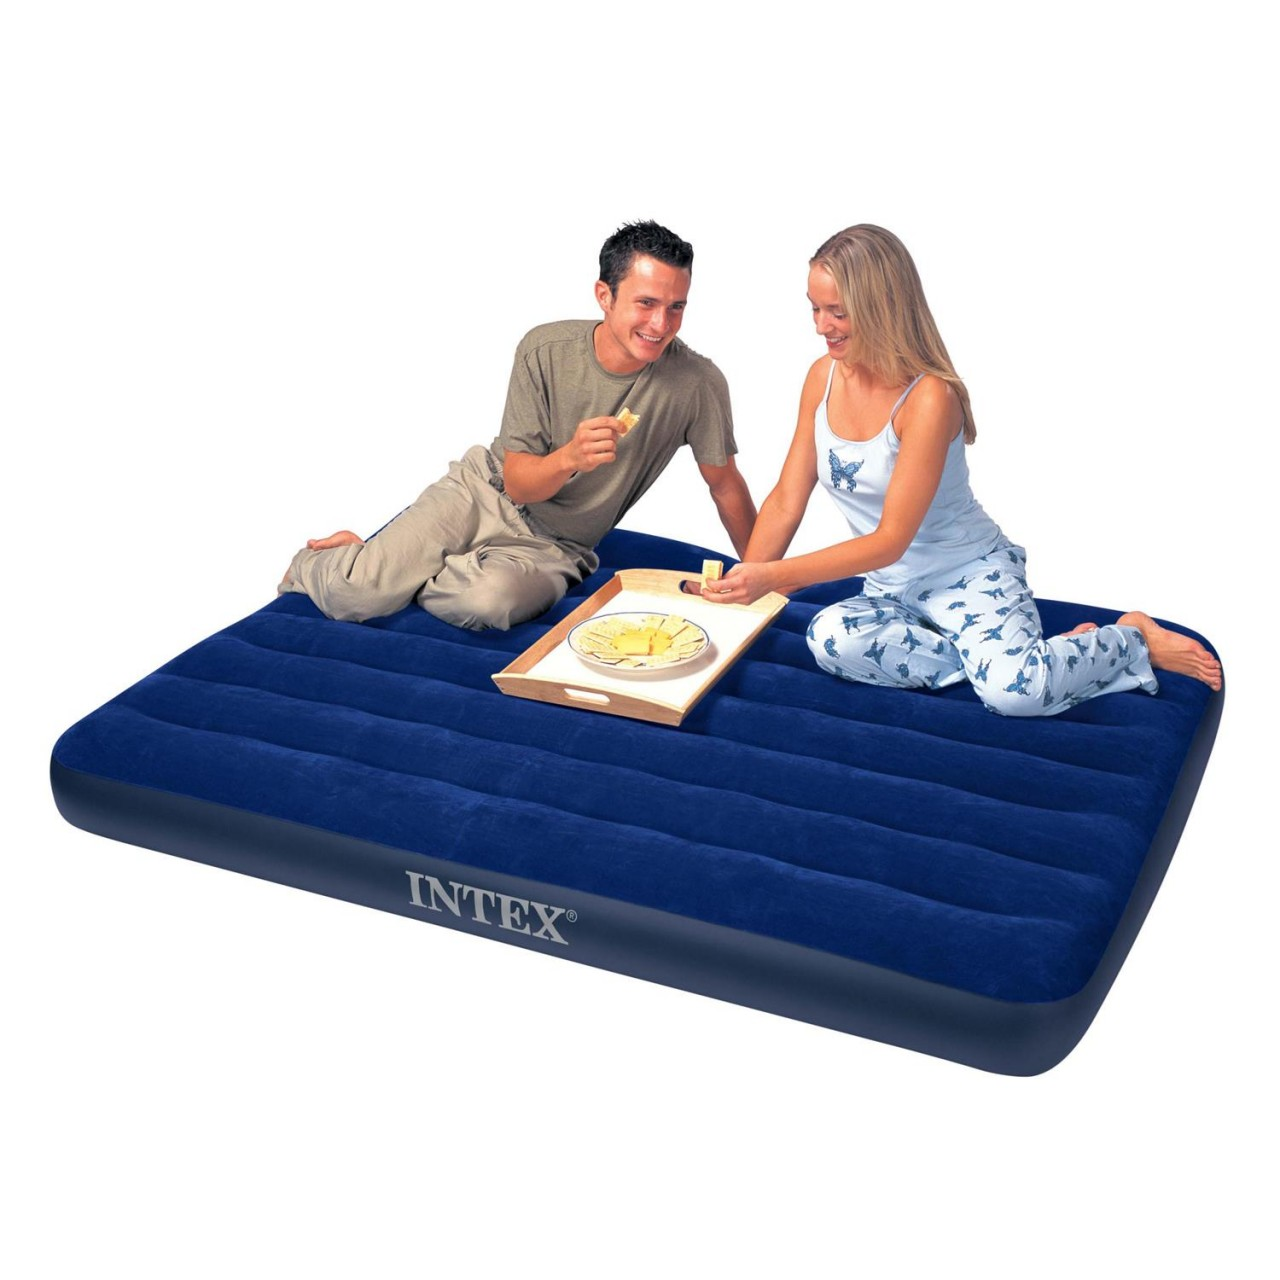 Intex Luftbett Gästebett Luftmatratze Camping 137 x 191 x 22 cm aufblasbar 68758